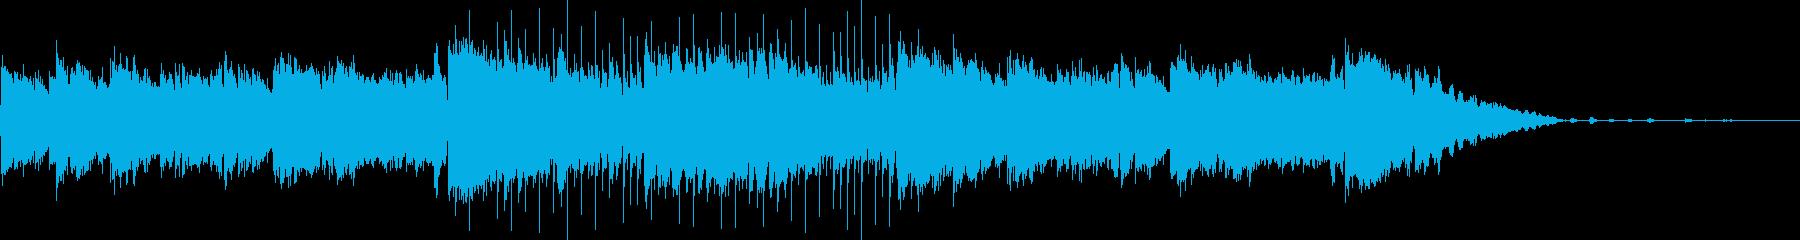 穏やかなリラックスできるCM用のボサノバの再生済みの波形